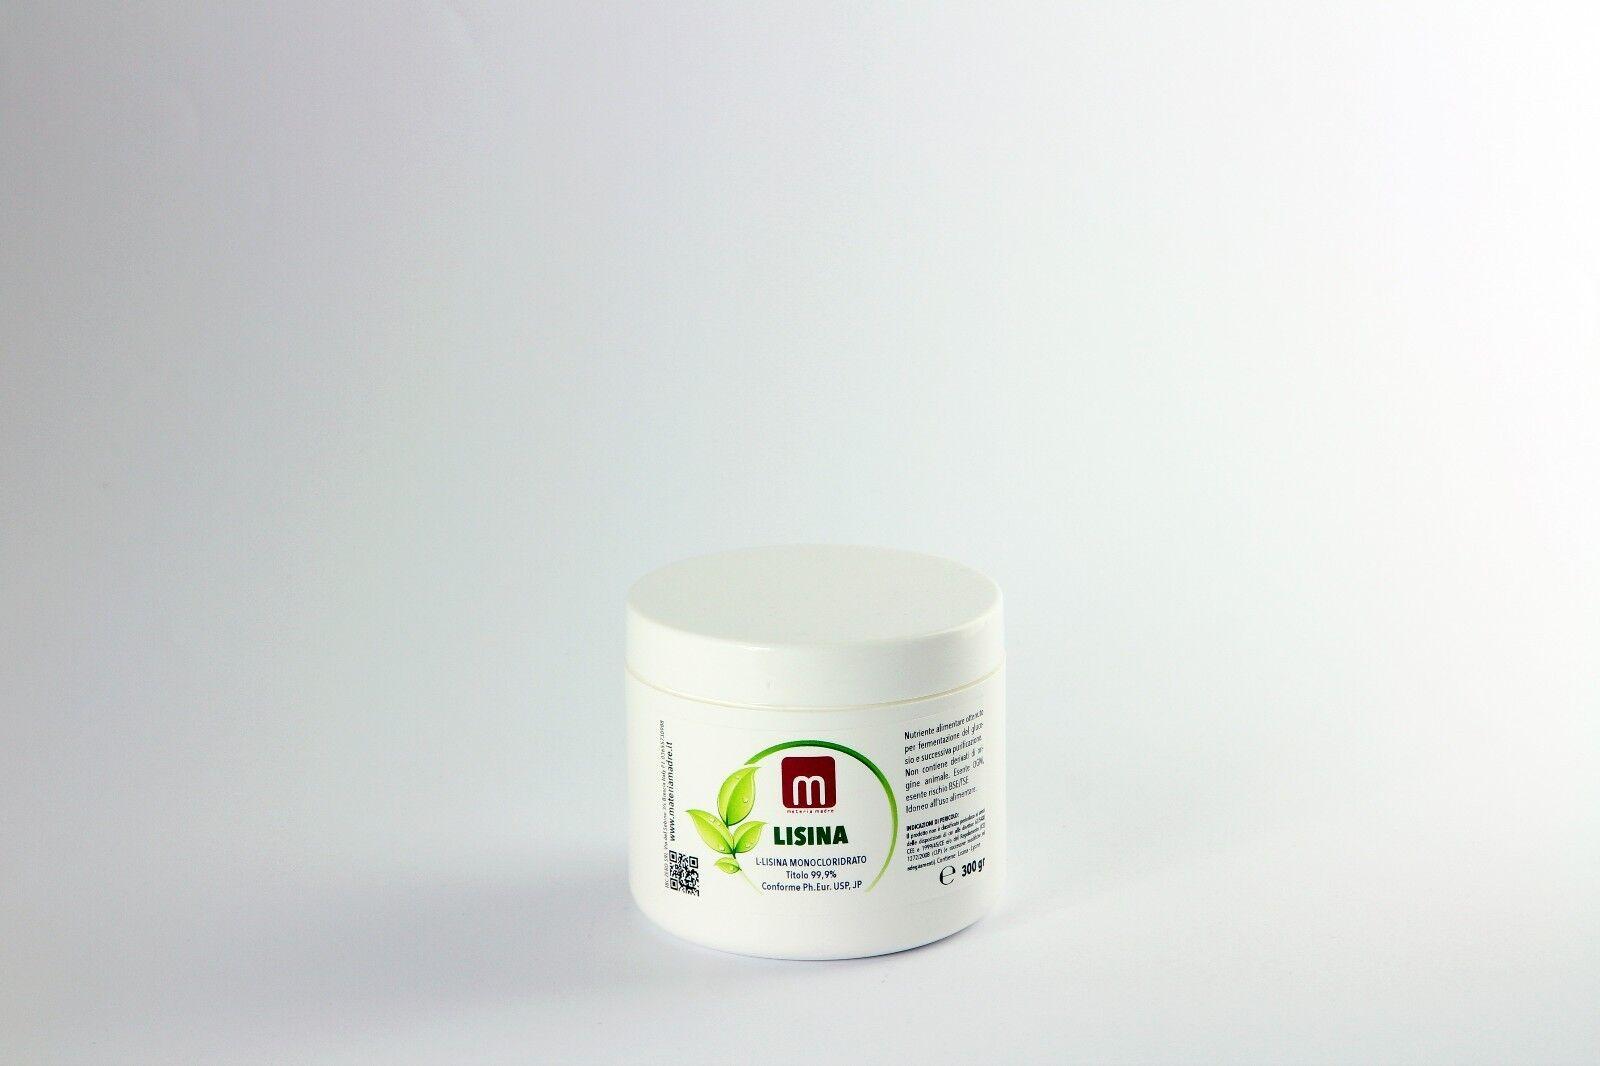 LISINA L-CLORIDRATO PURA PURA PURA Uso alimentare Barattolo 300 gr Lysine MateriaMadre af45c3